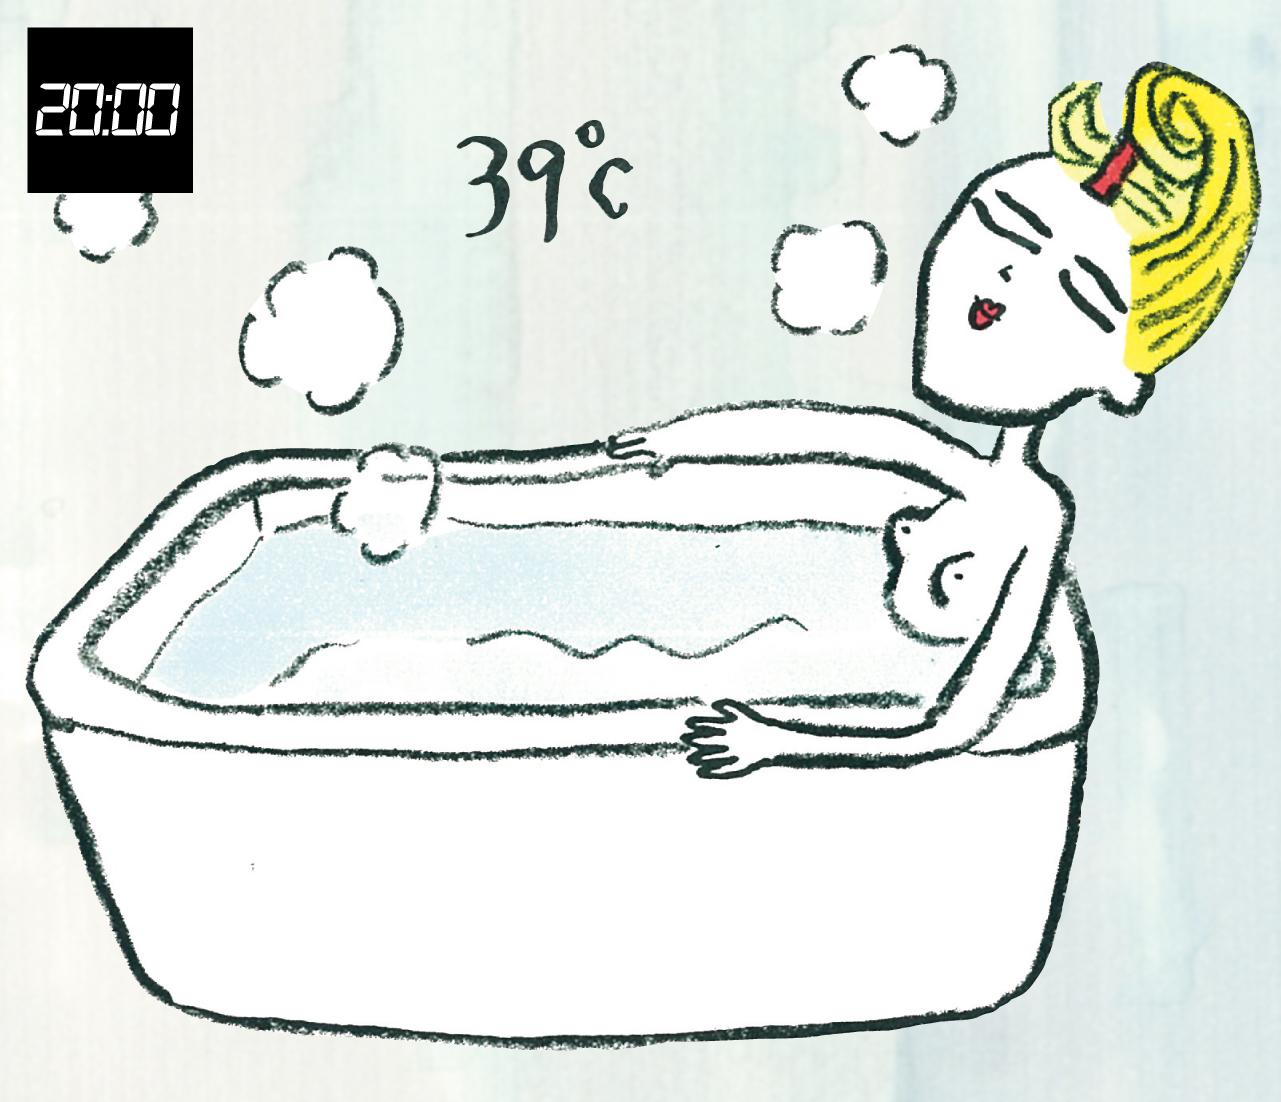 20:00 お風呂は38〜40℃、つかるのは脇の下まで、8分以内程度に